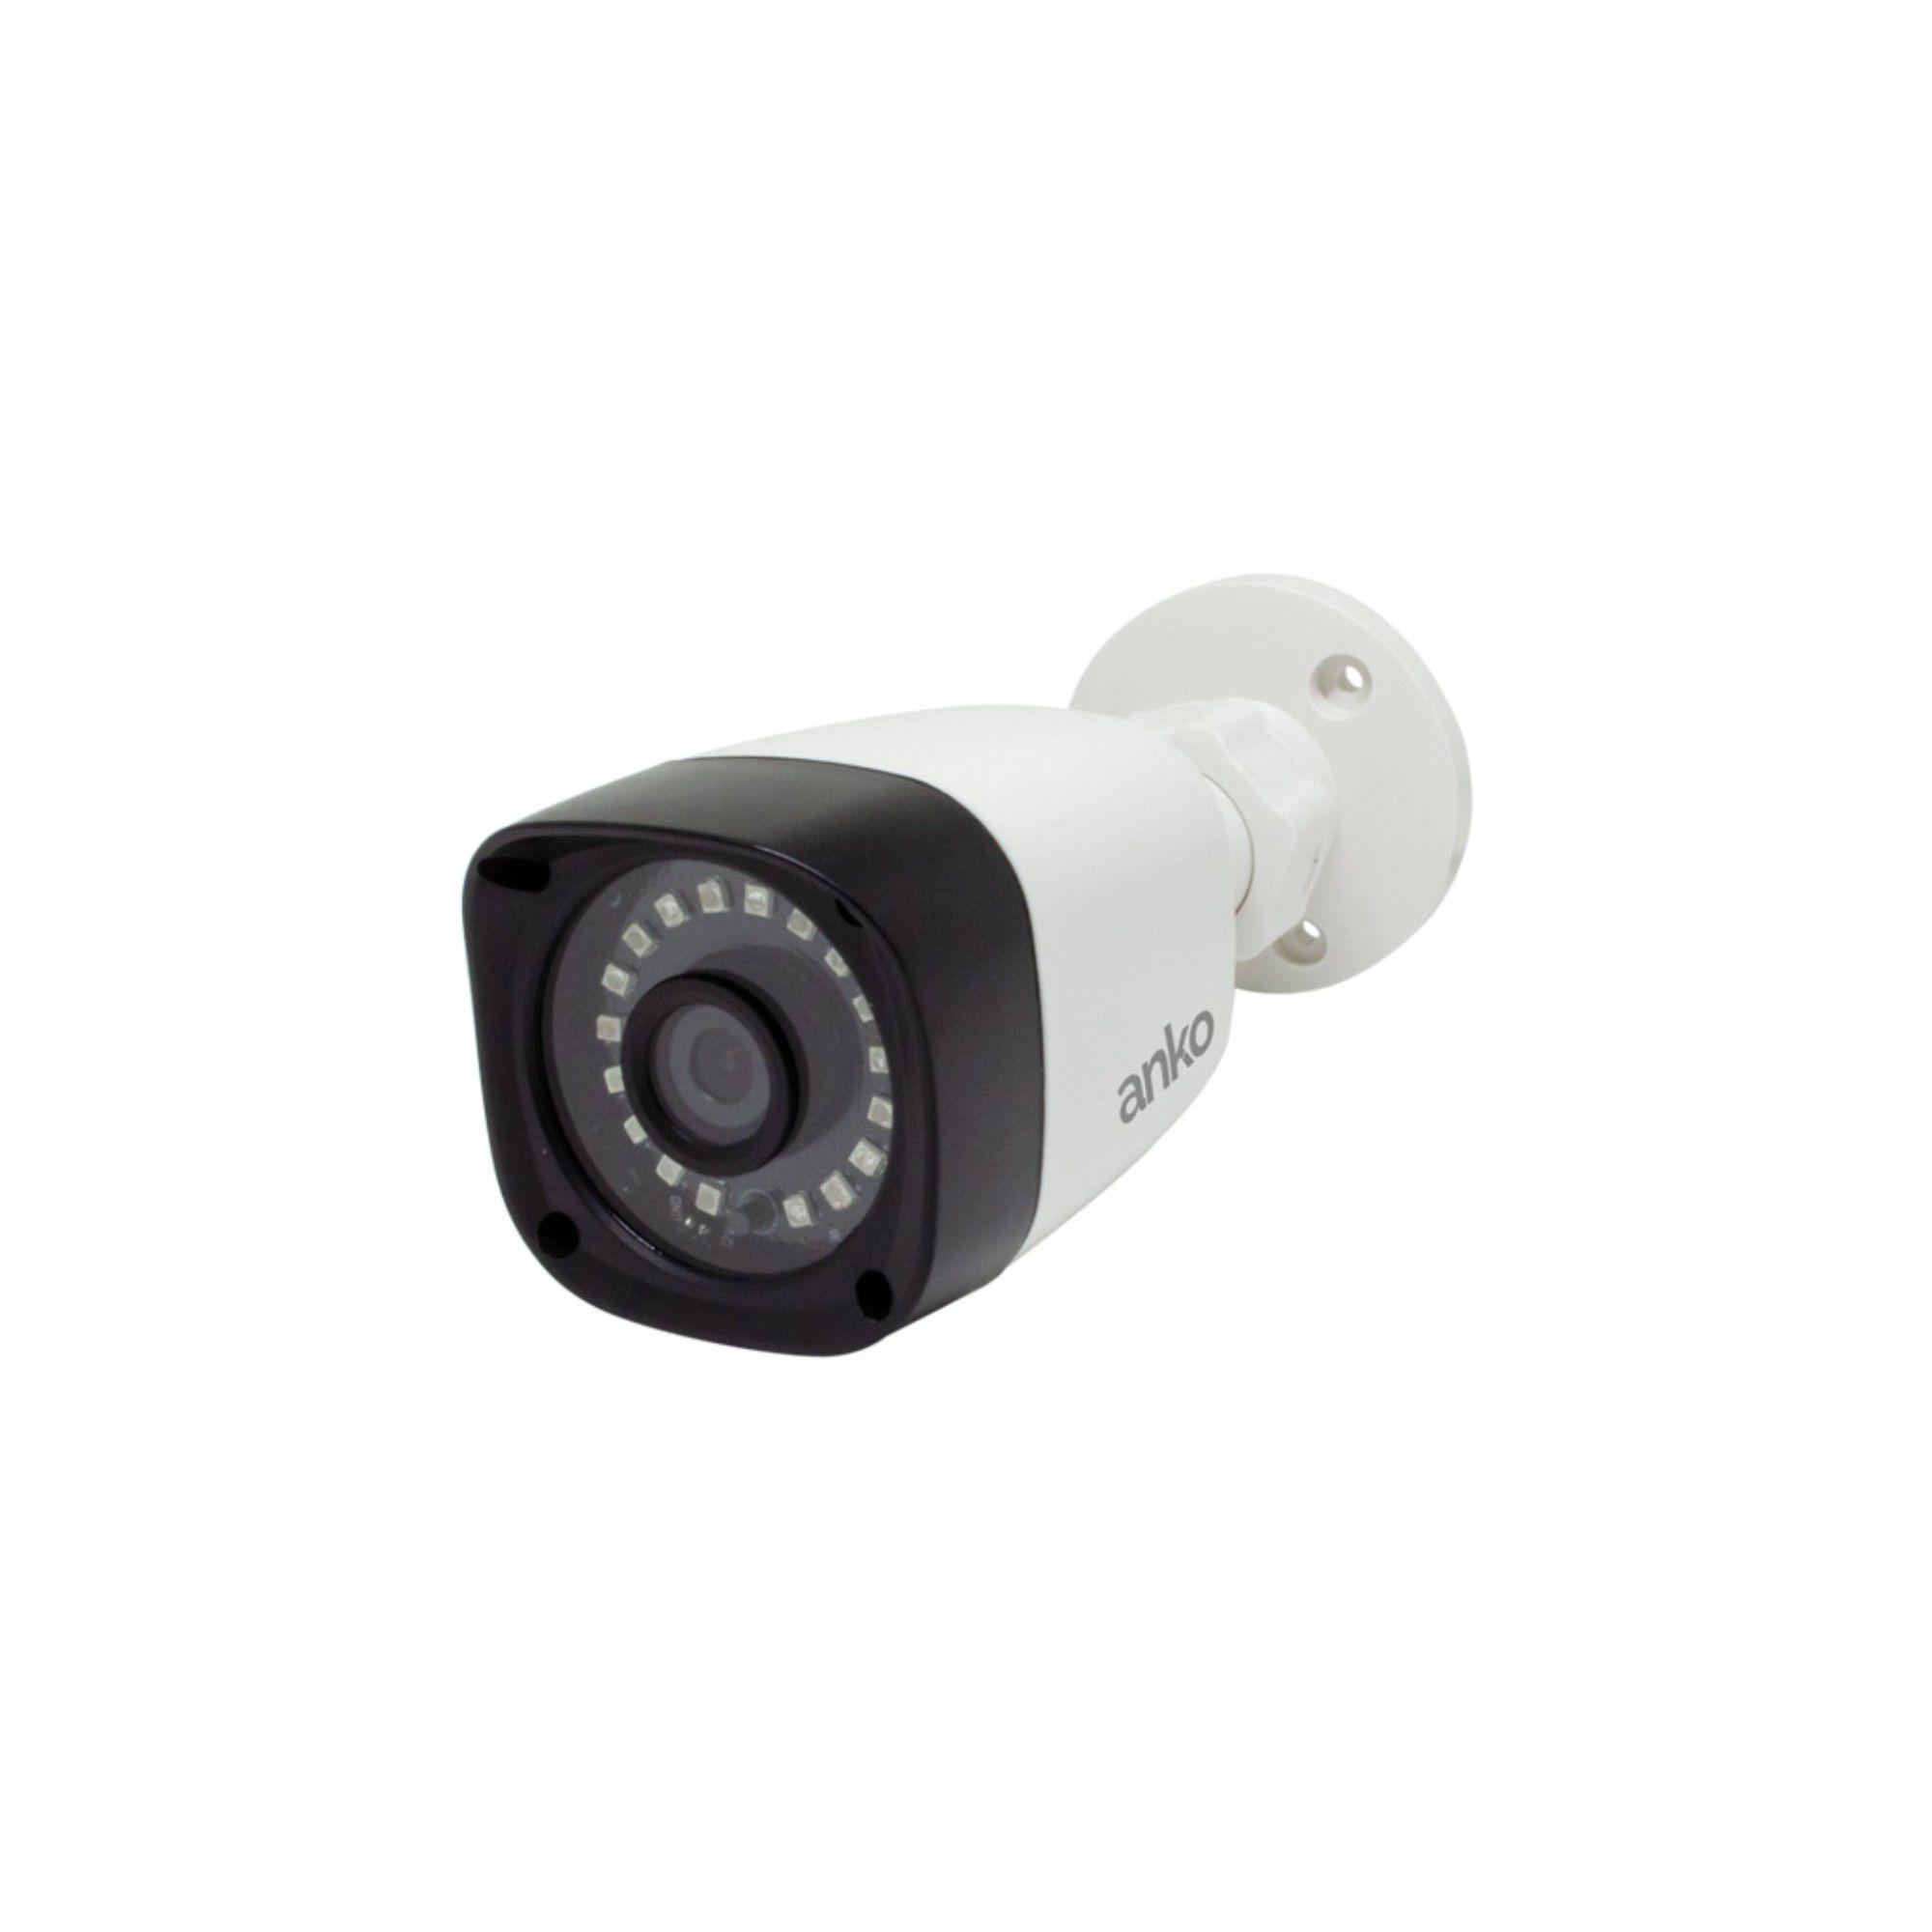 Câmera Infra Canhão ANKO AHD 3,6mm 30 Metros